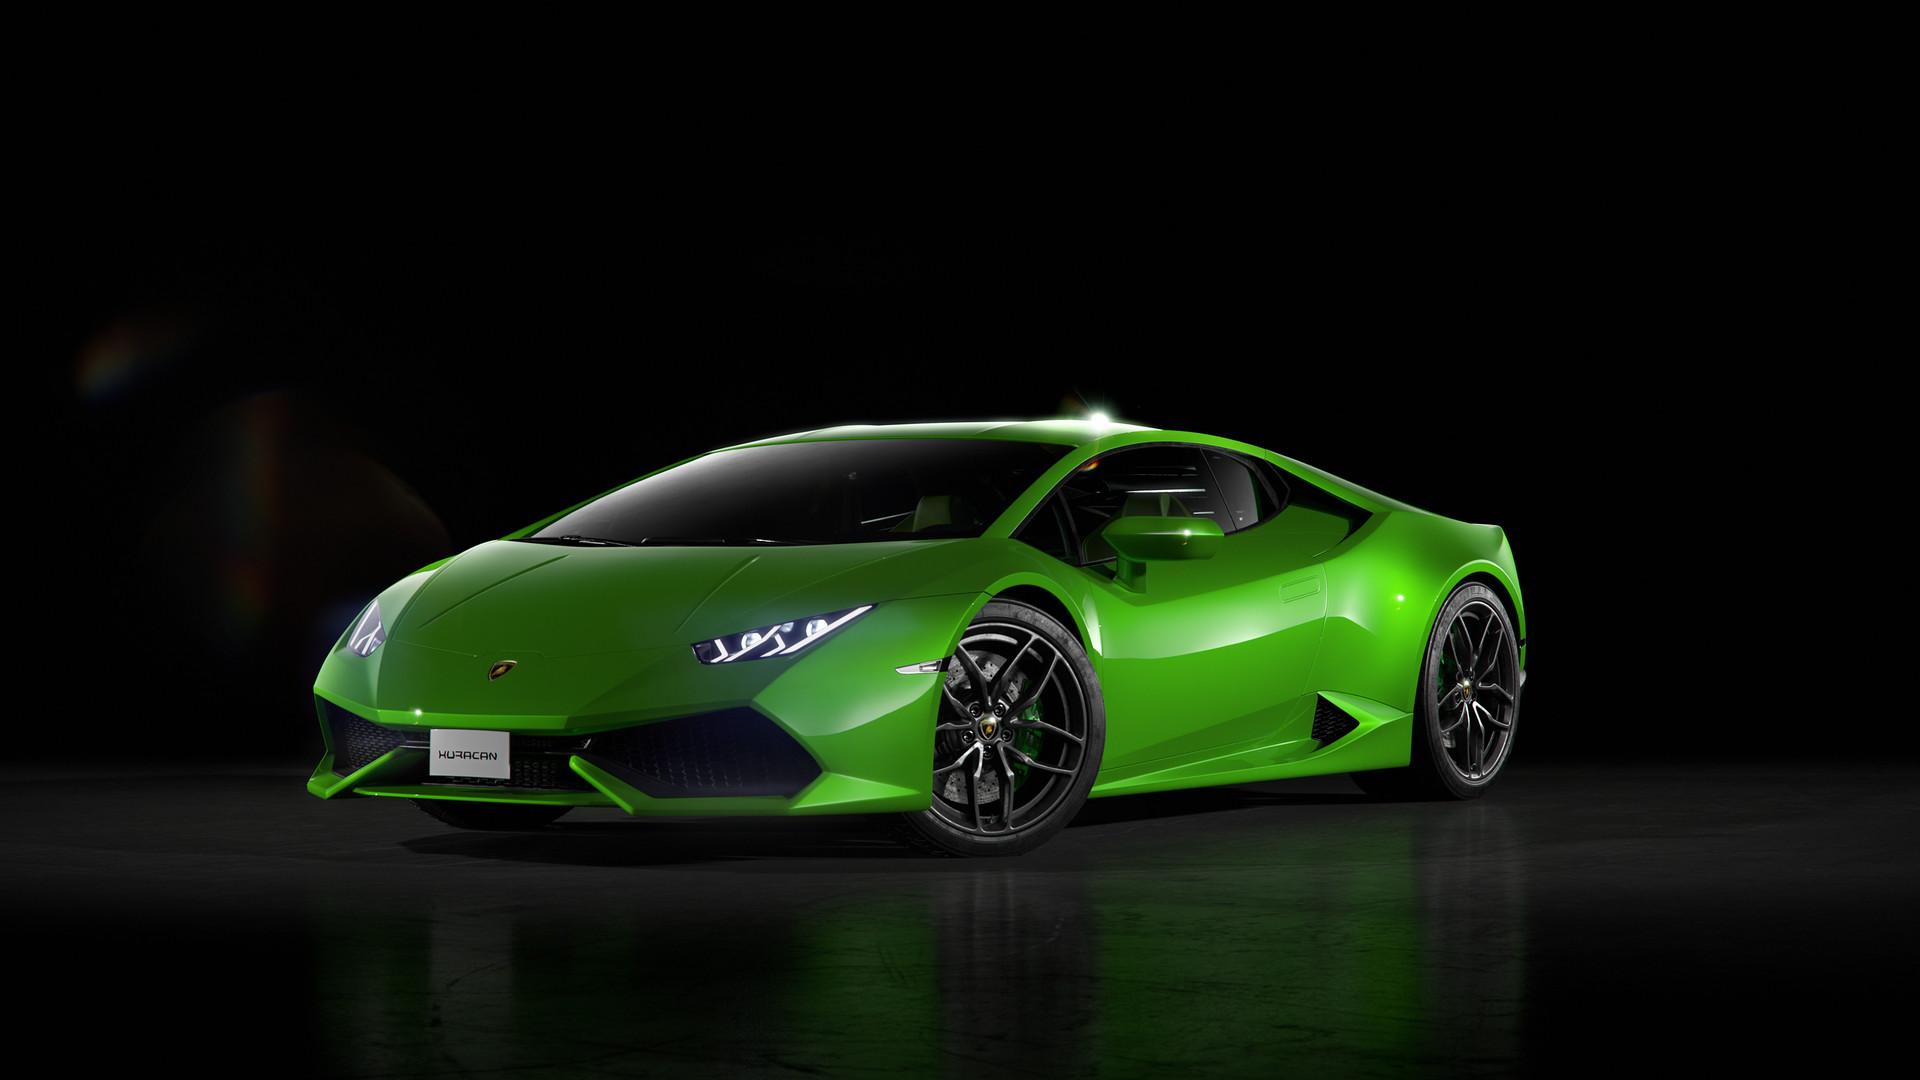 320x240 Green Lamborghini Huracan Front Apple Iphone Ipod